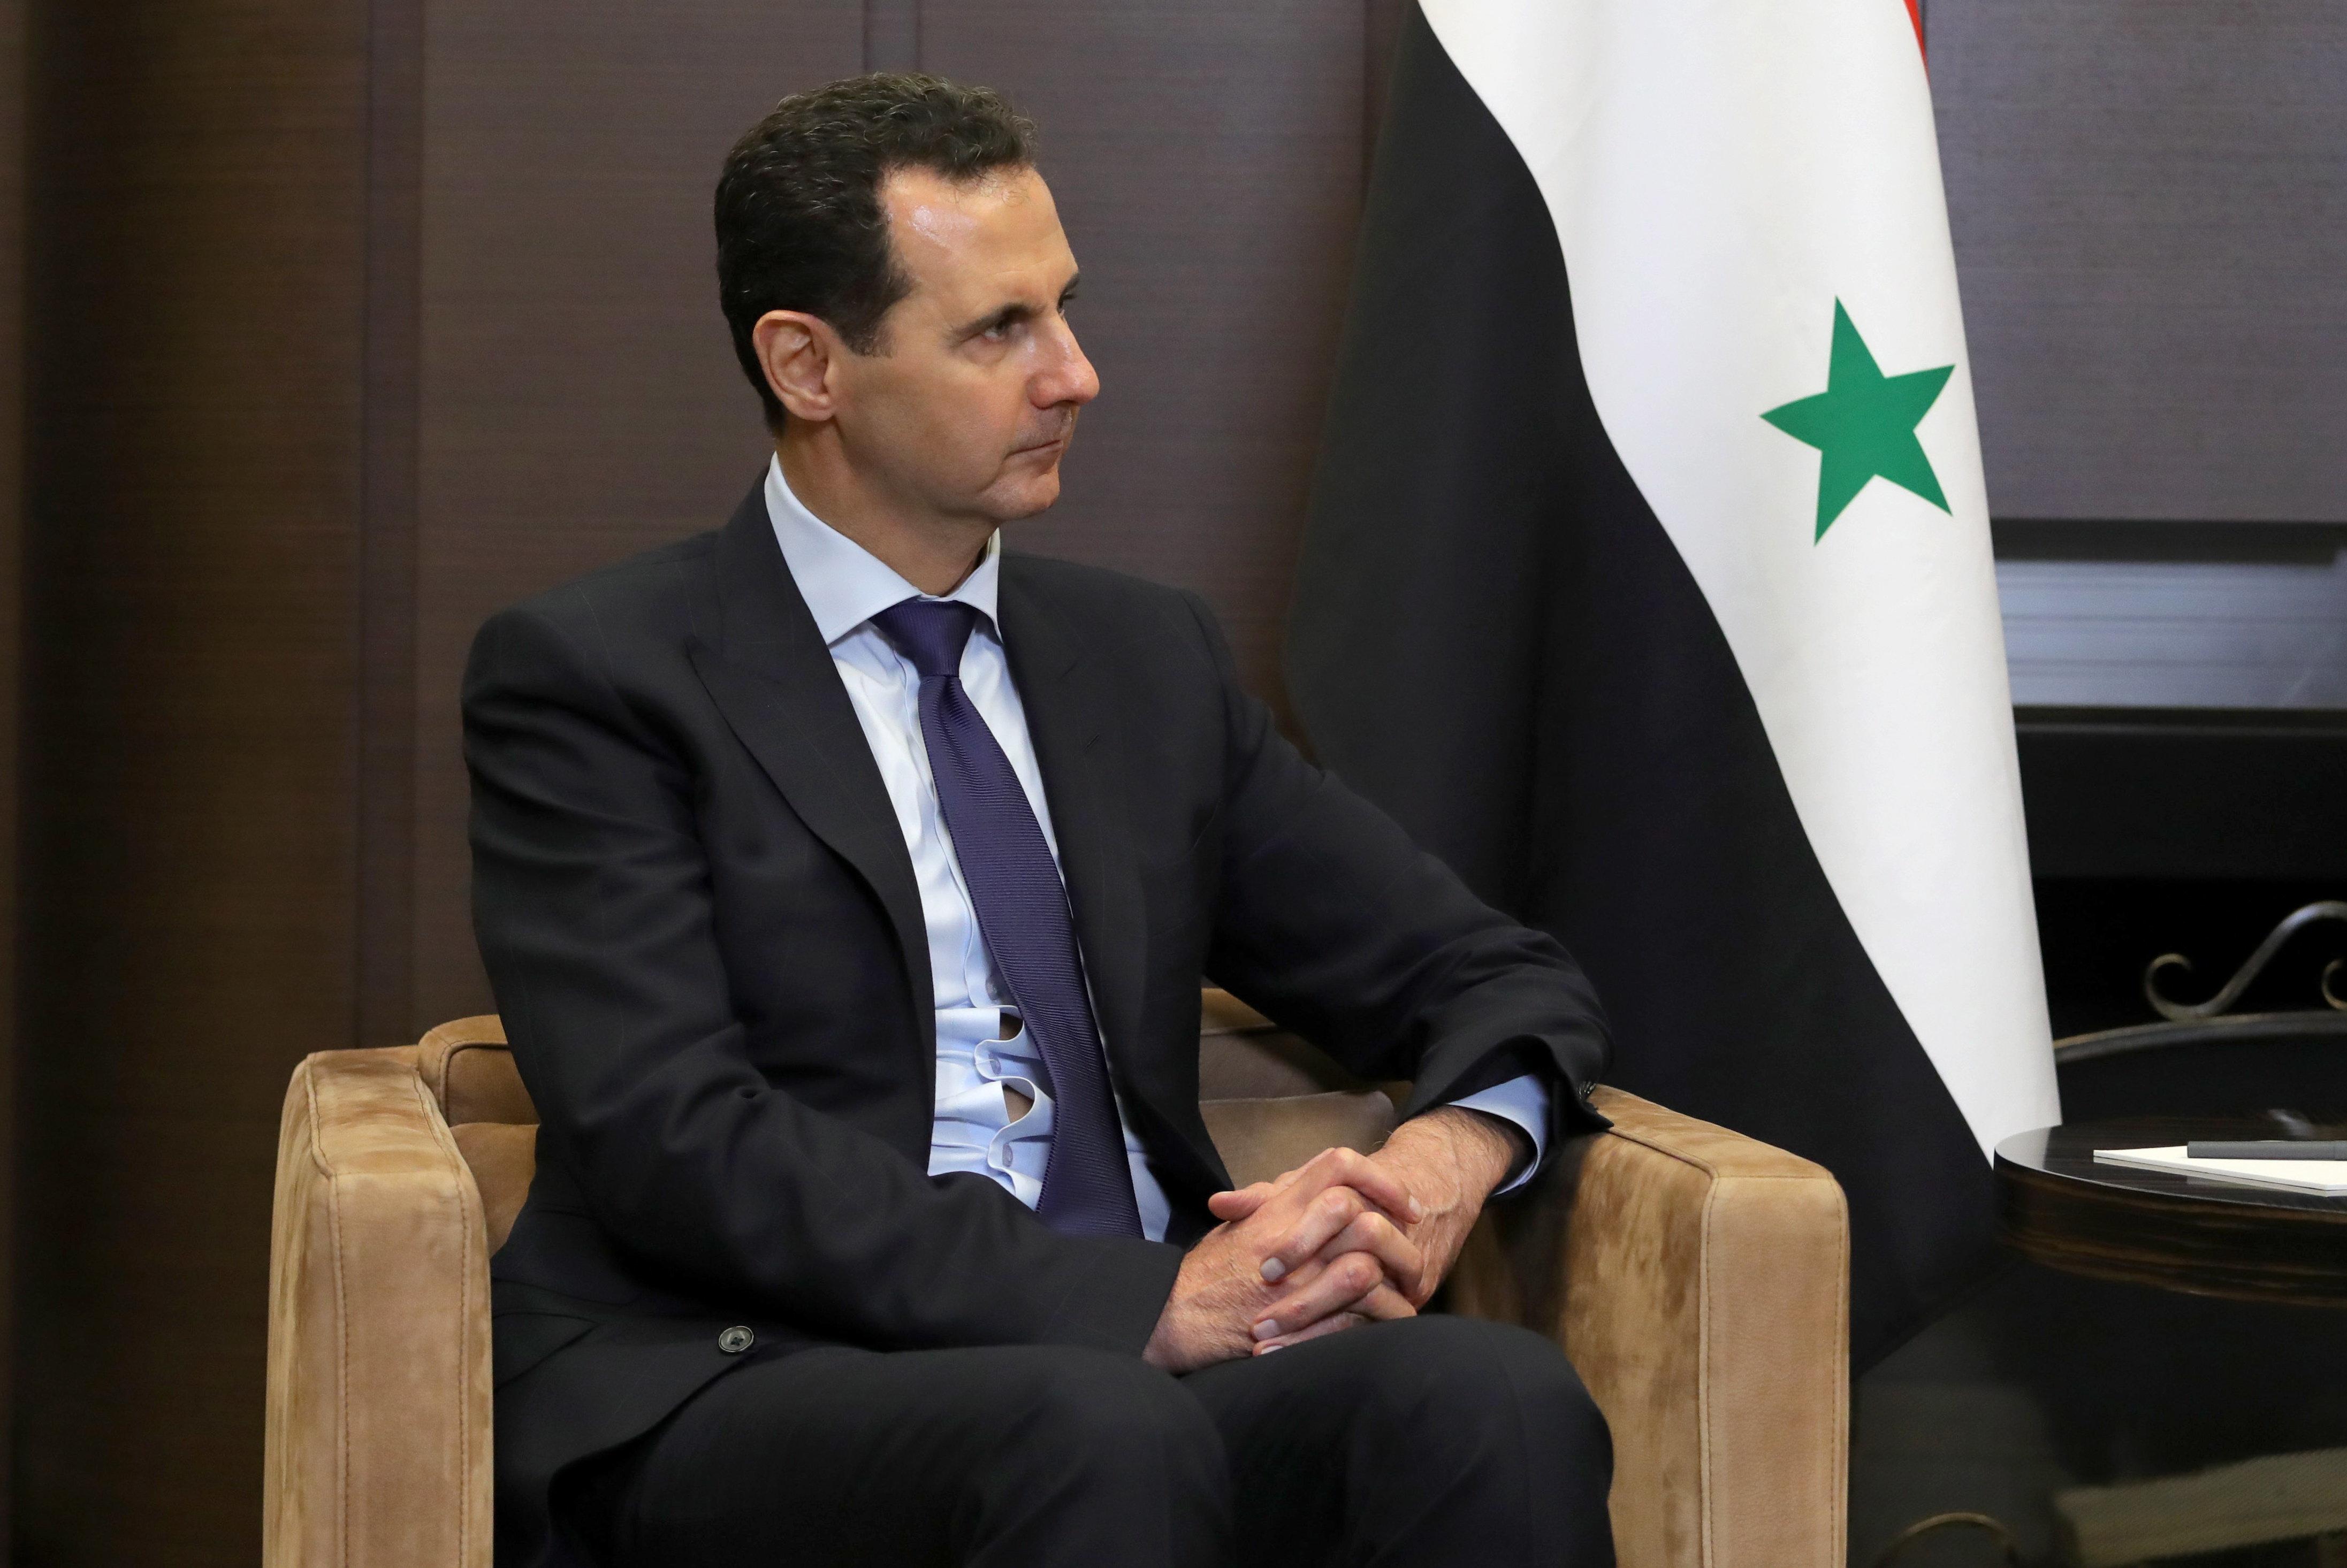 Άσαντ: Ο πόλεμος στη Συρία δεν είναι εμφύλιος, αλλά μια μάχη κατά των